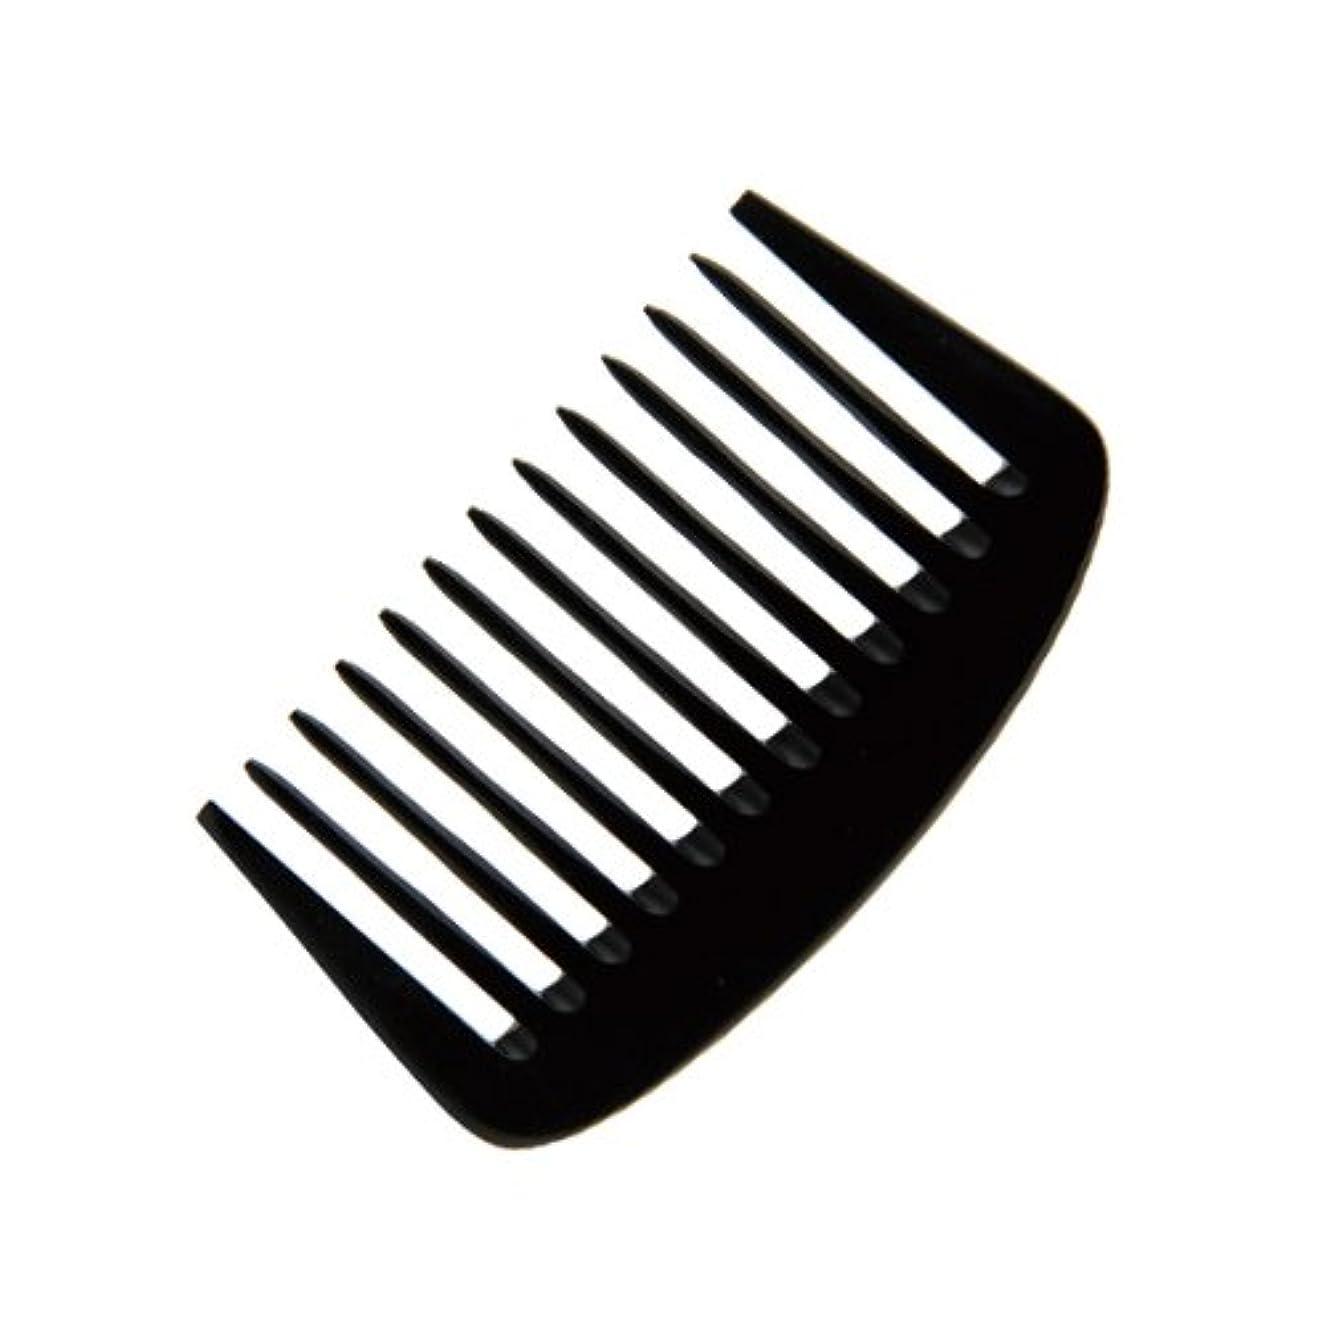 衝突保存涙エトゥベラ e-ーフムーンコーム K-8010 105mm (美容室用) 全2色ブラック